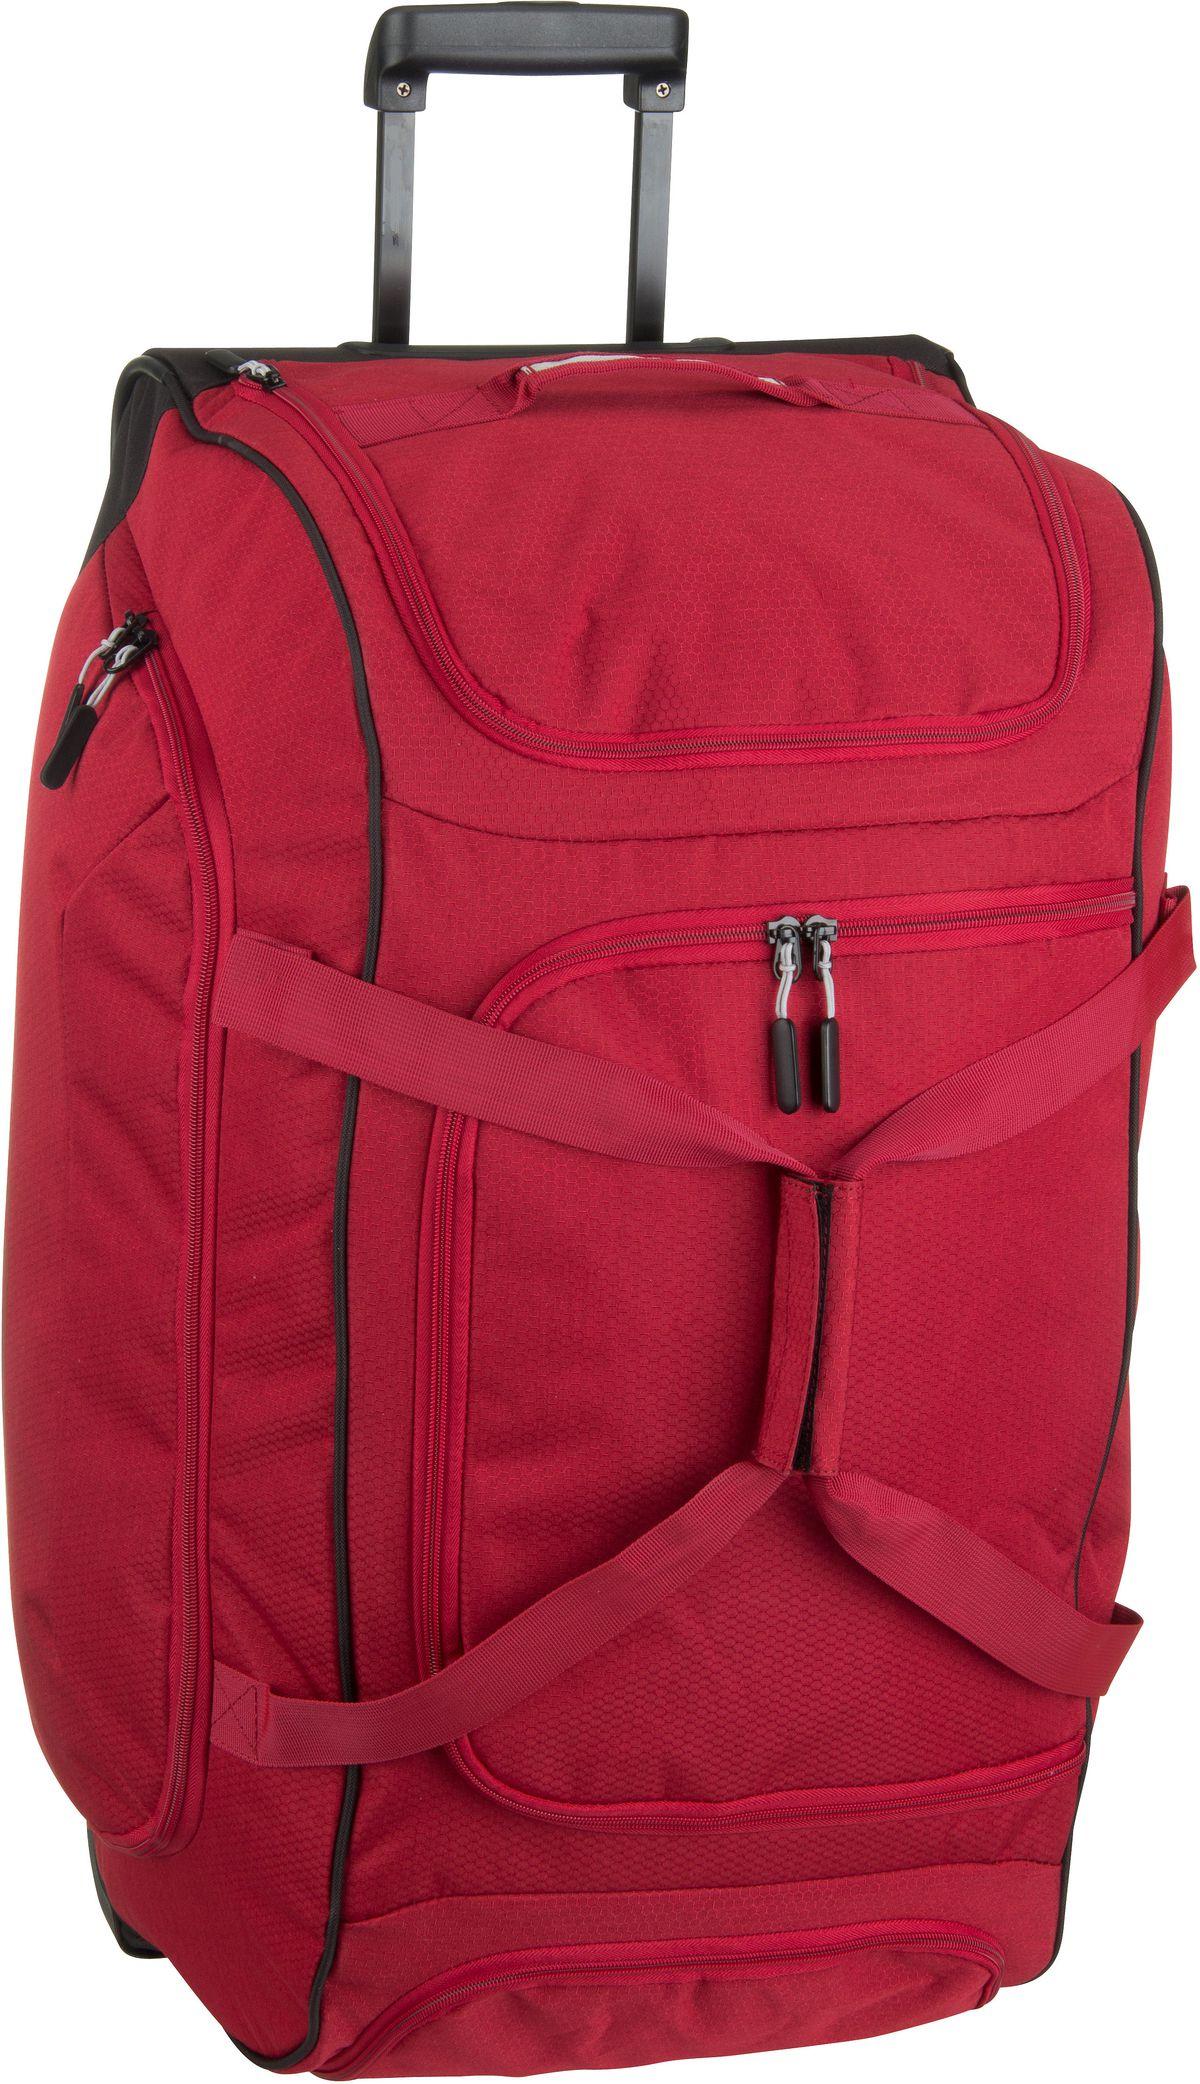 Reisegepaeck - travelite Rollenreisetasche Kick Off Trolley Freizeittasche XL Rot (120 Liter)  - Onlineshop Taschenkaufhaus